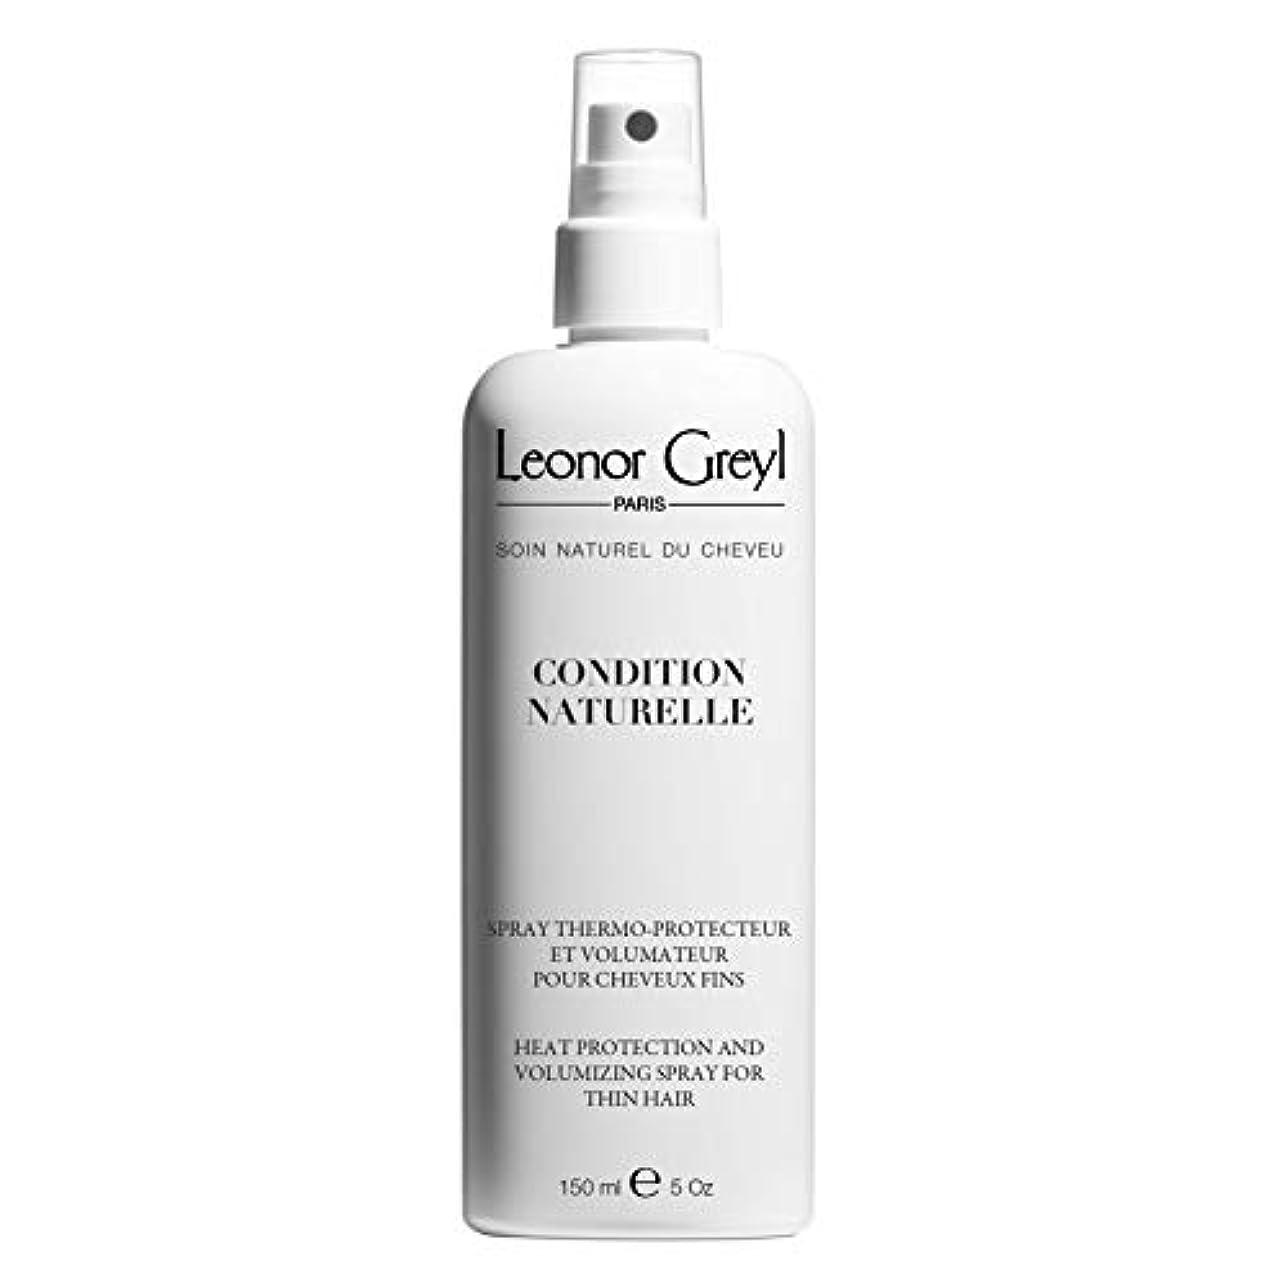 出力選択緊張Leonor Greyl Paris コンディションNaturelle - 熱は保護とボリューム化は薄い髪、5.2オンスのためのスプレー。